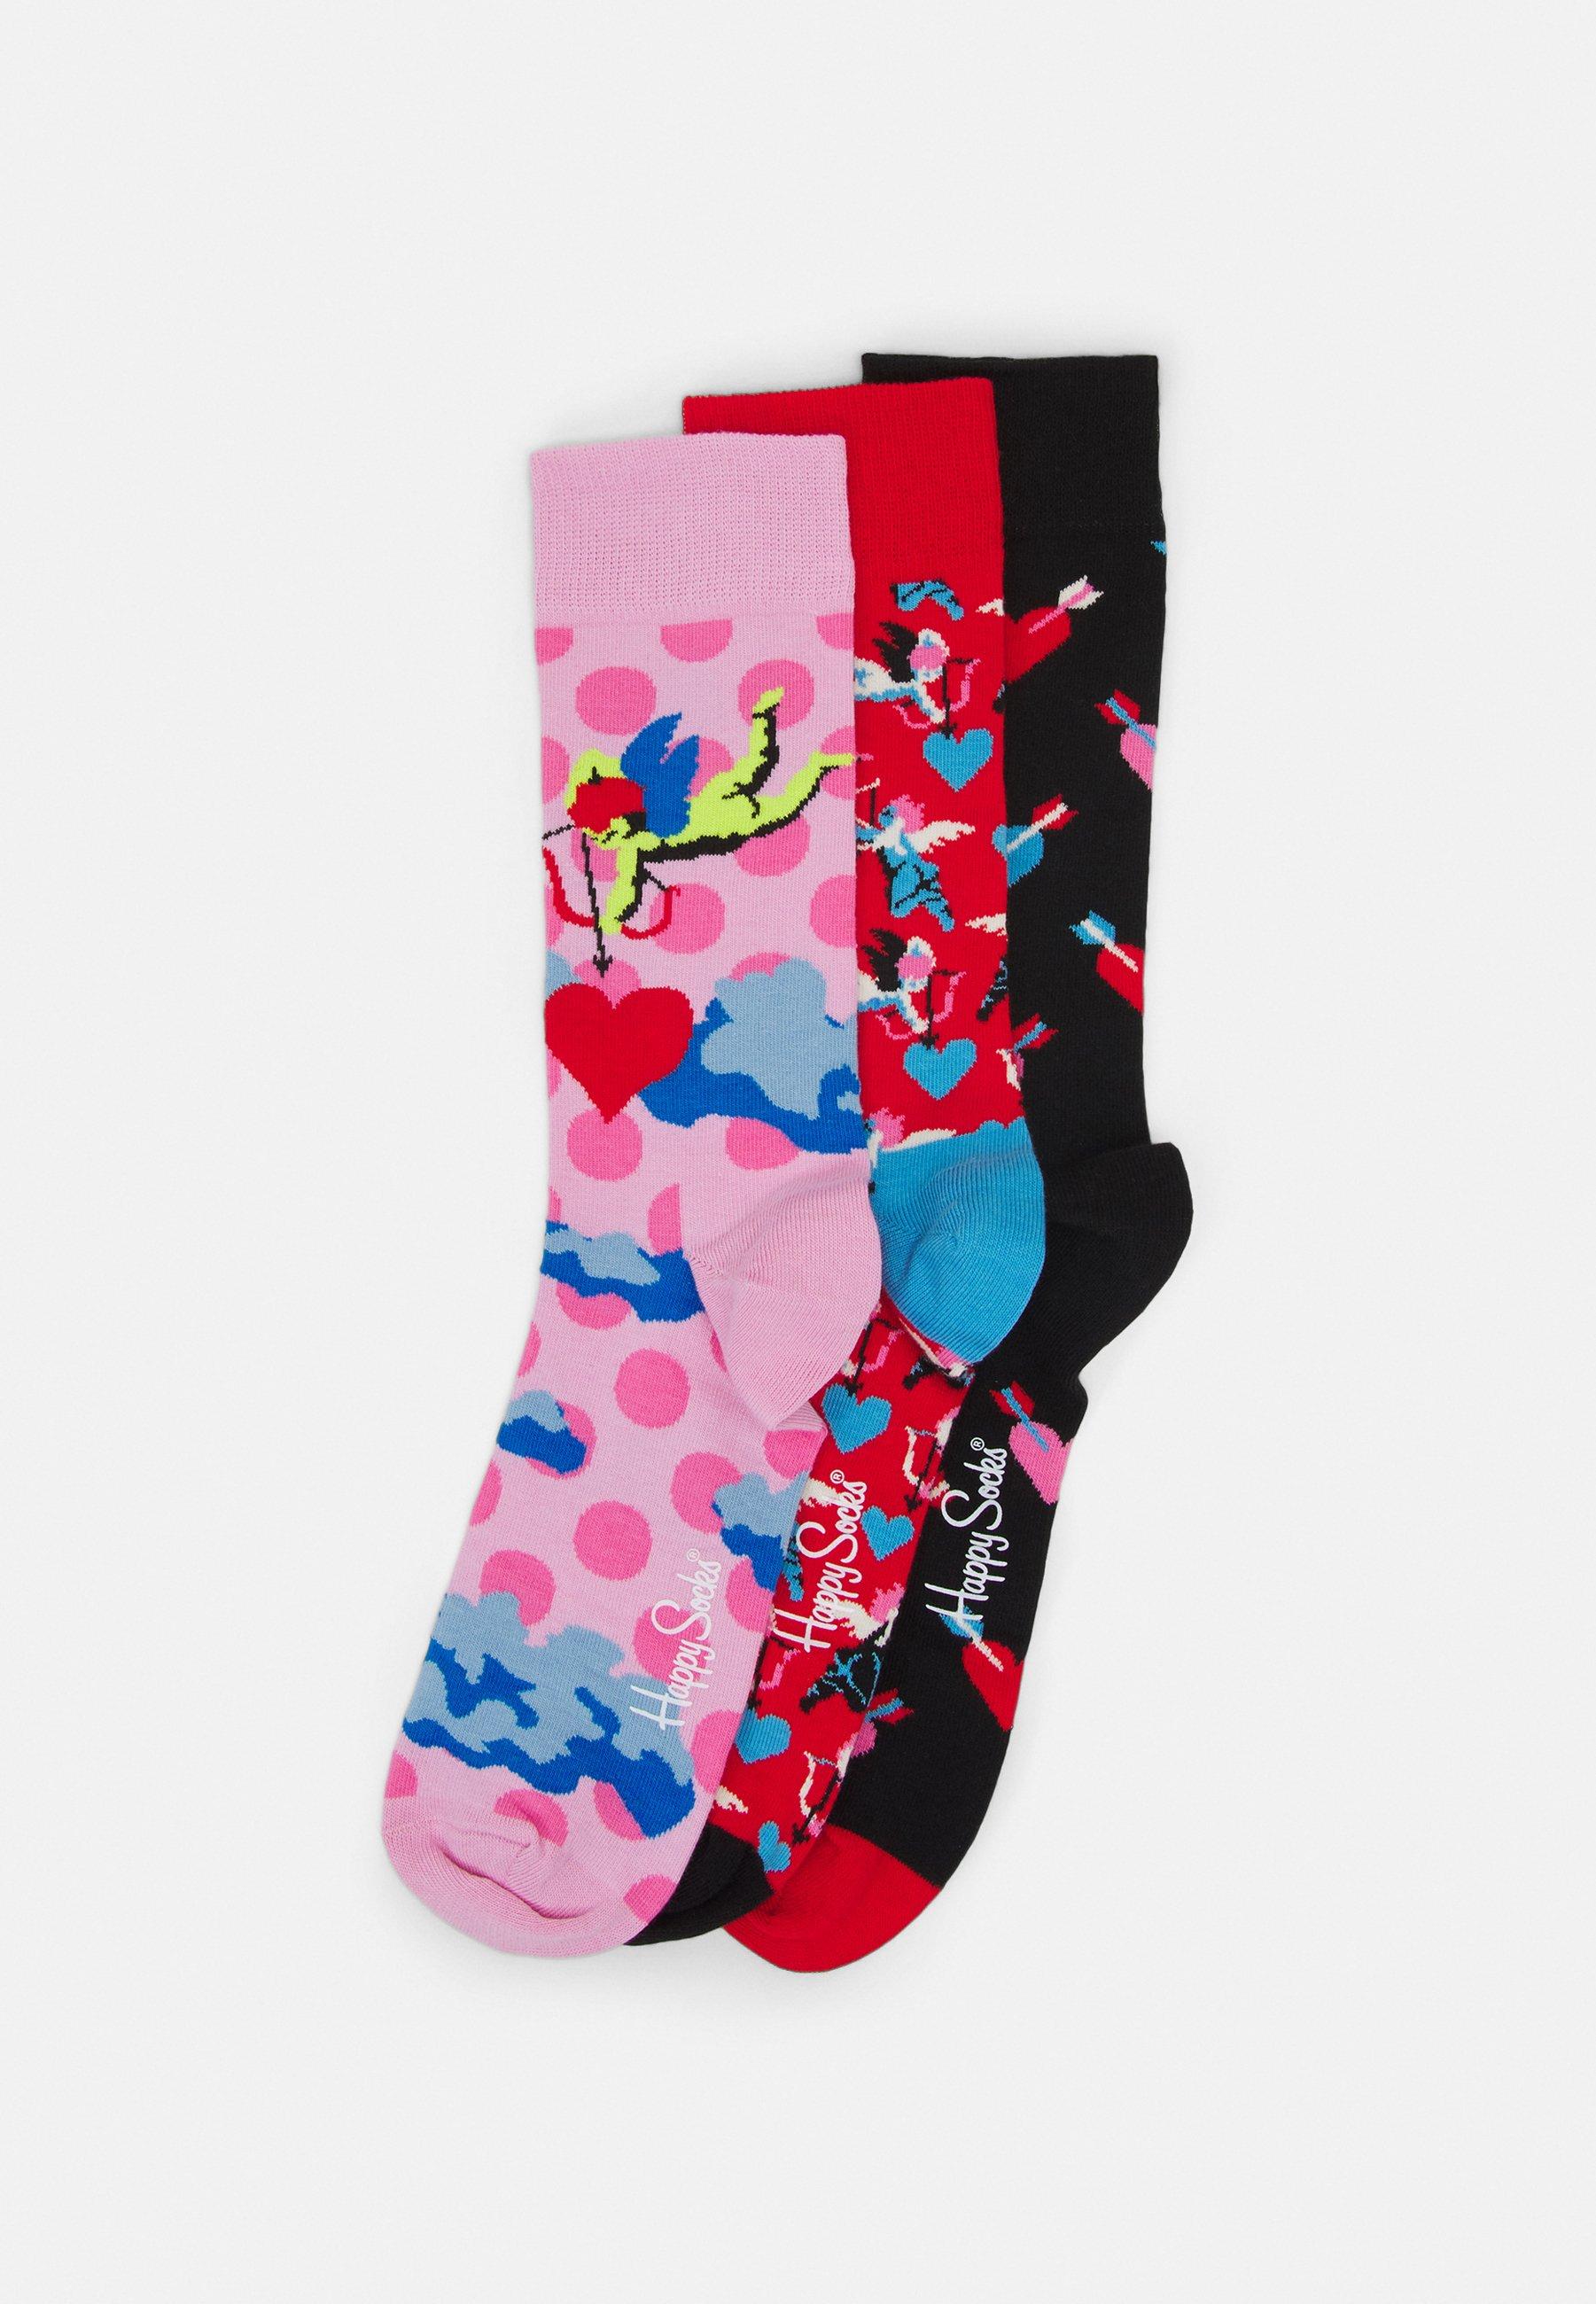 Men I LOVE YOU SOCKS GIFT 3 PACK - Socks